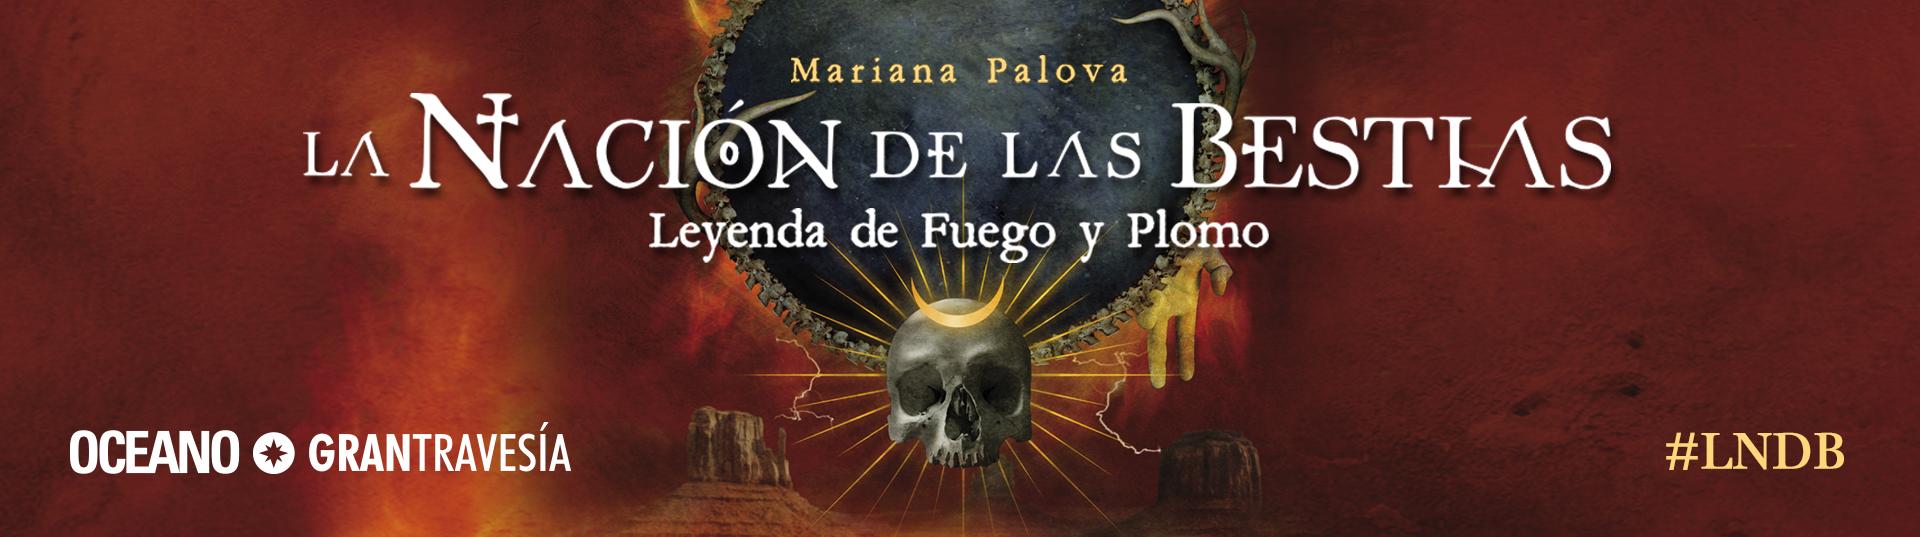 Blog_NacionBestias